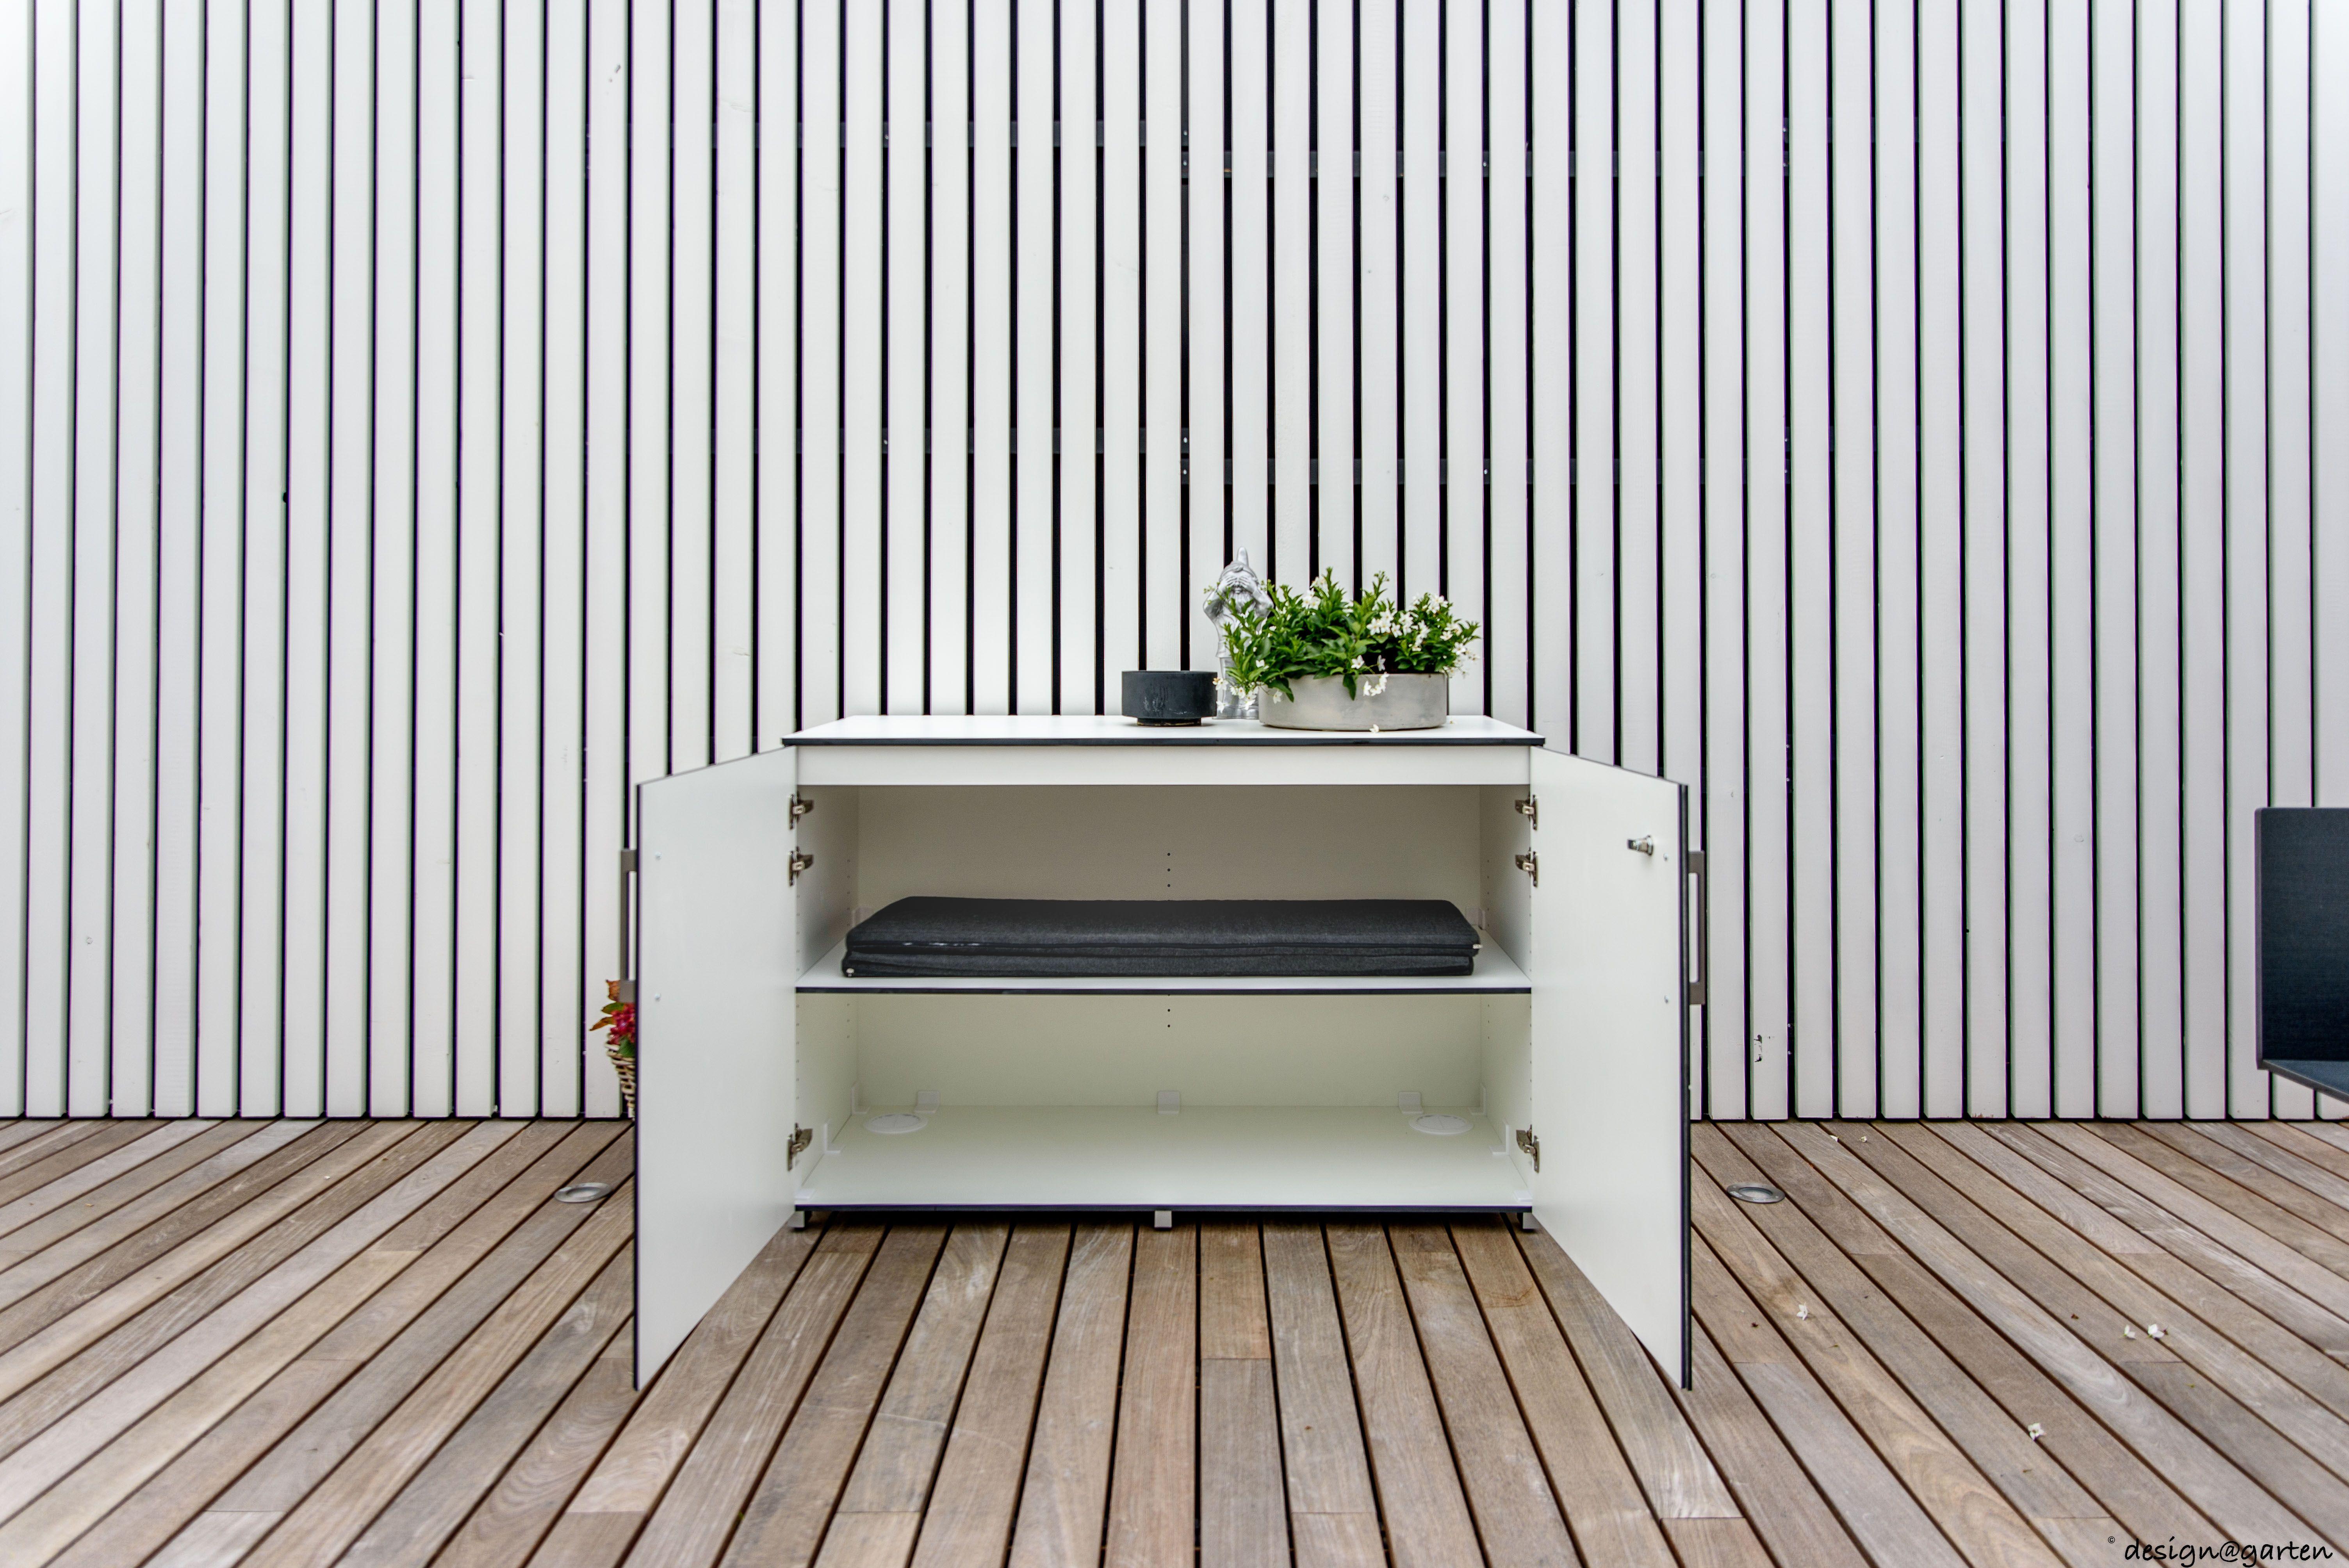 Balkonschrank Terrassenschrank Win By Design Garten Augsburg Hier Sideboad Xl130 In Luxemburg Griffe Farbe We Balkonschrank Terrasse Gartenschrank